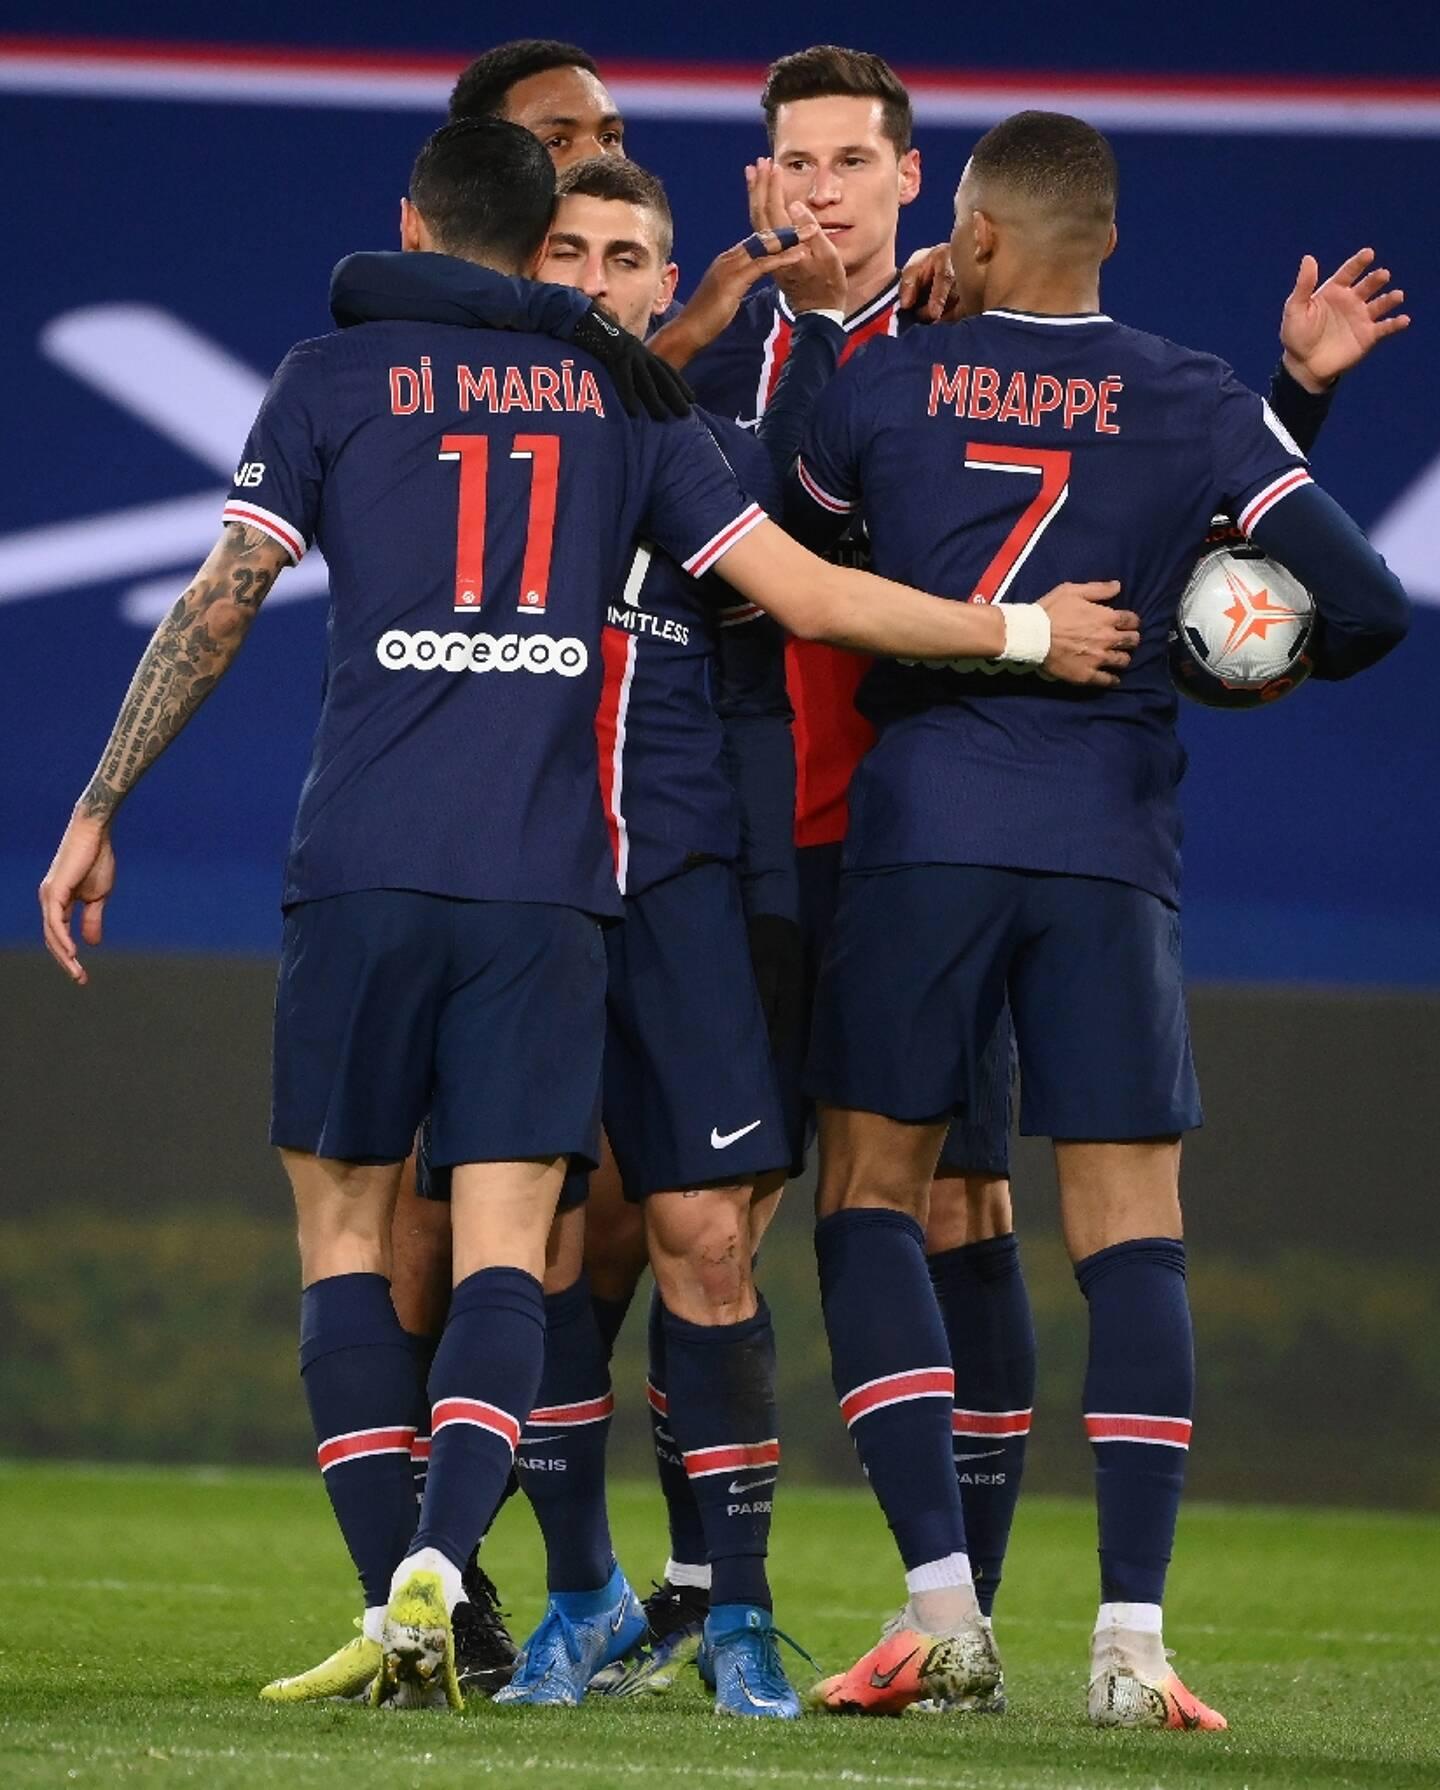 Le milieu de terrain allemand du Paris Saint-Germain, Julian Draxler (c), est félicité par ses coéquipiers après avoir ouvert le score face à Nantes, lors de leur match de L1, le 14 mars 2021 au Parc des Princes